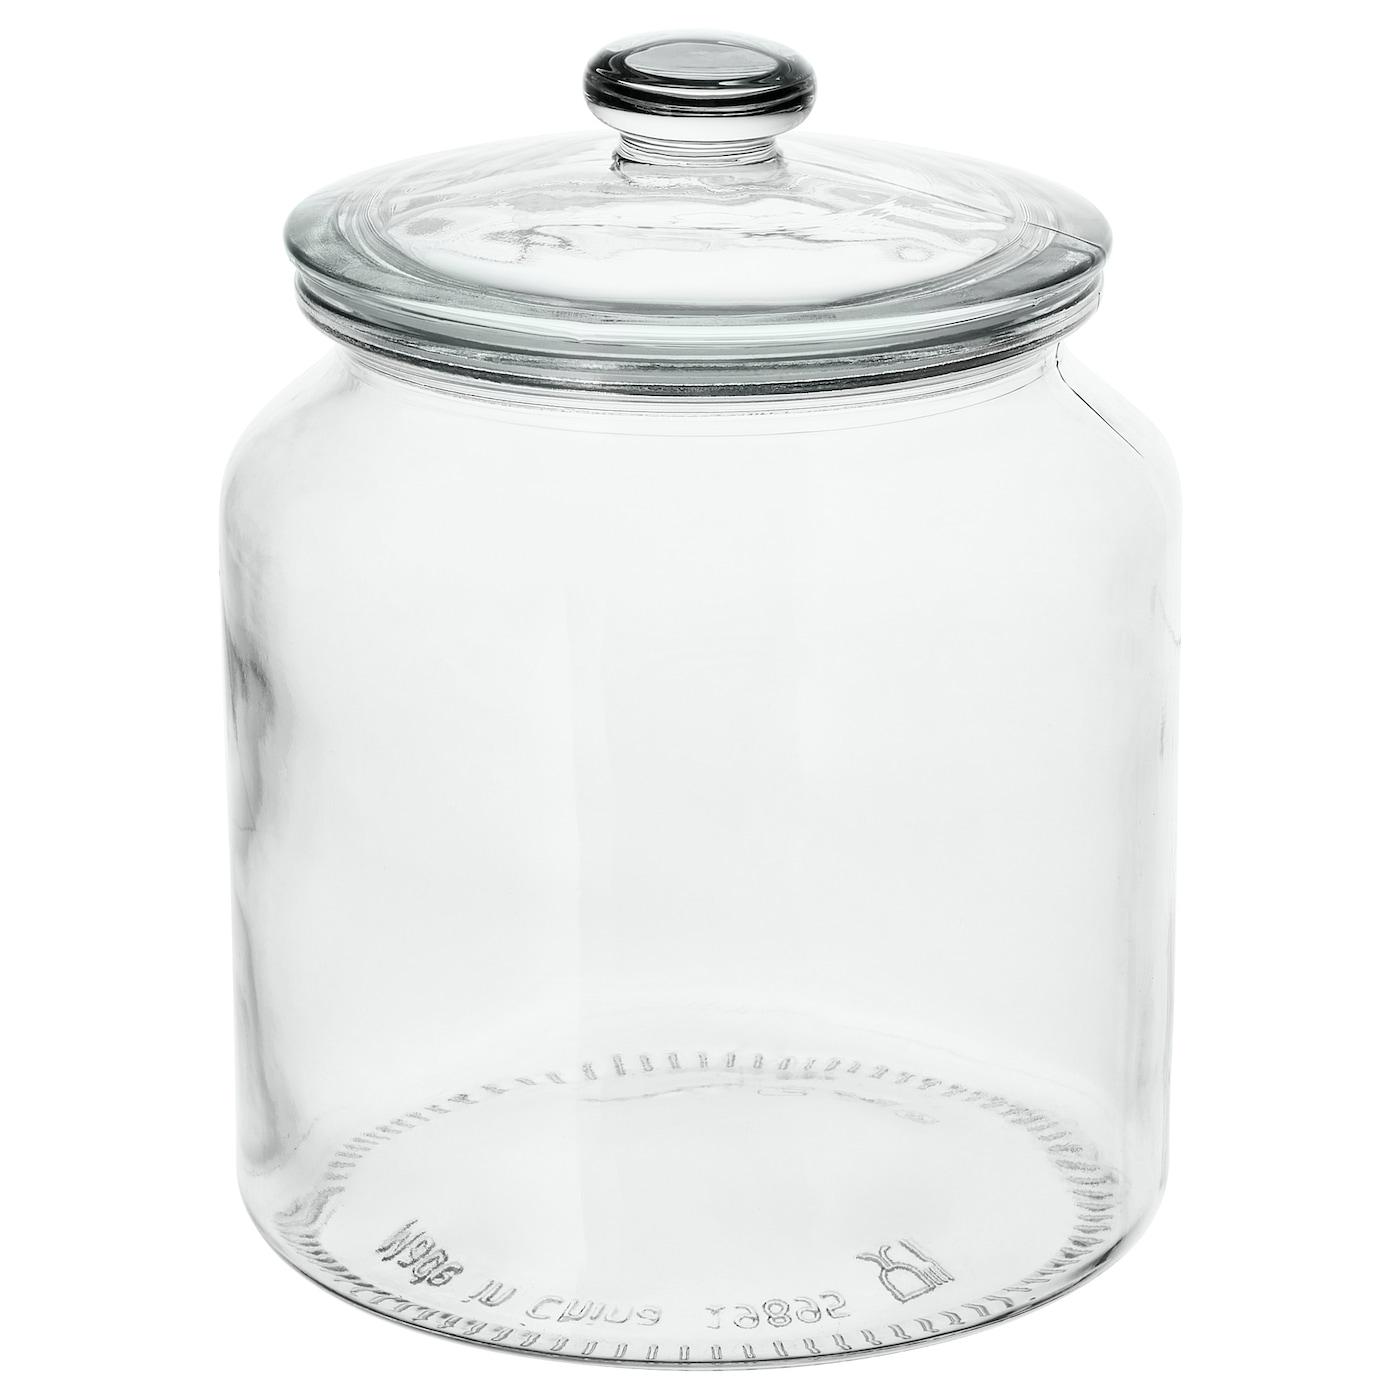 VARDAGEN ヴァルダーゲン ふた付き容器